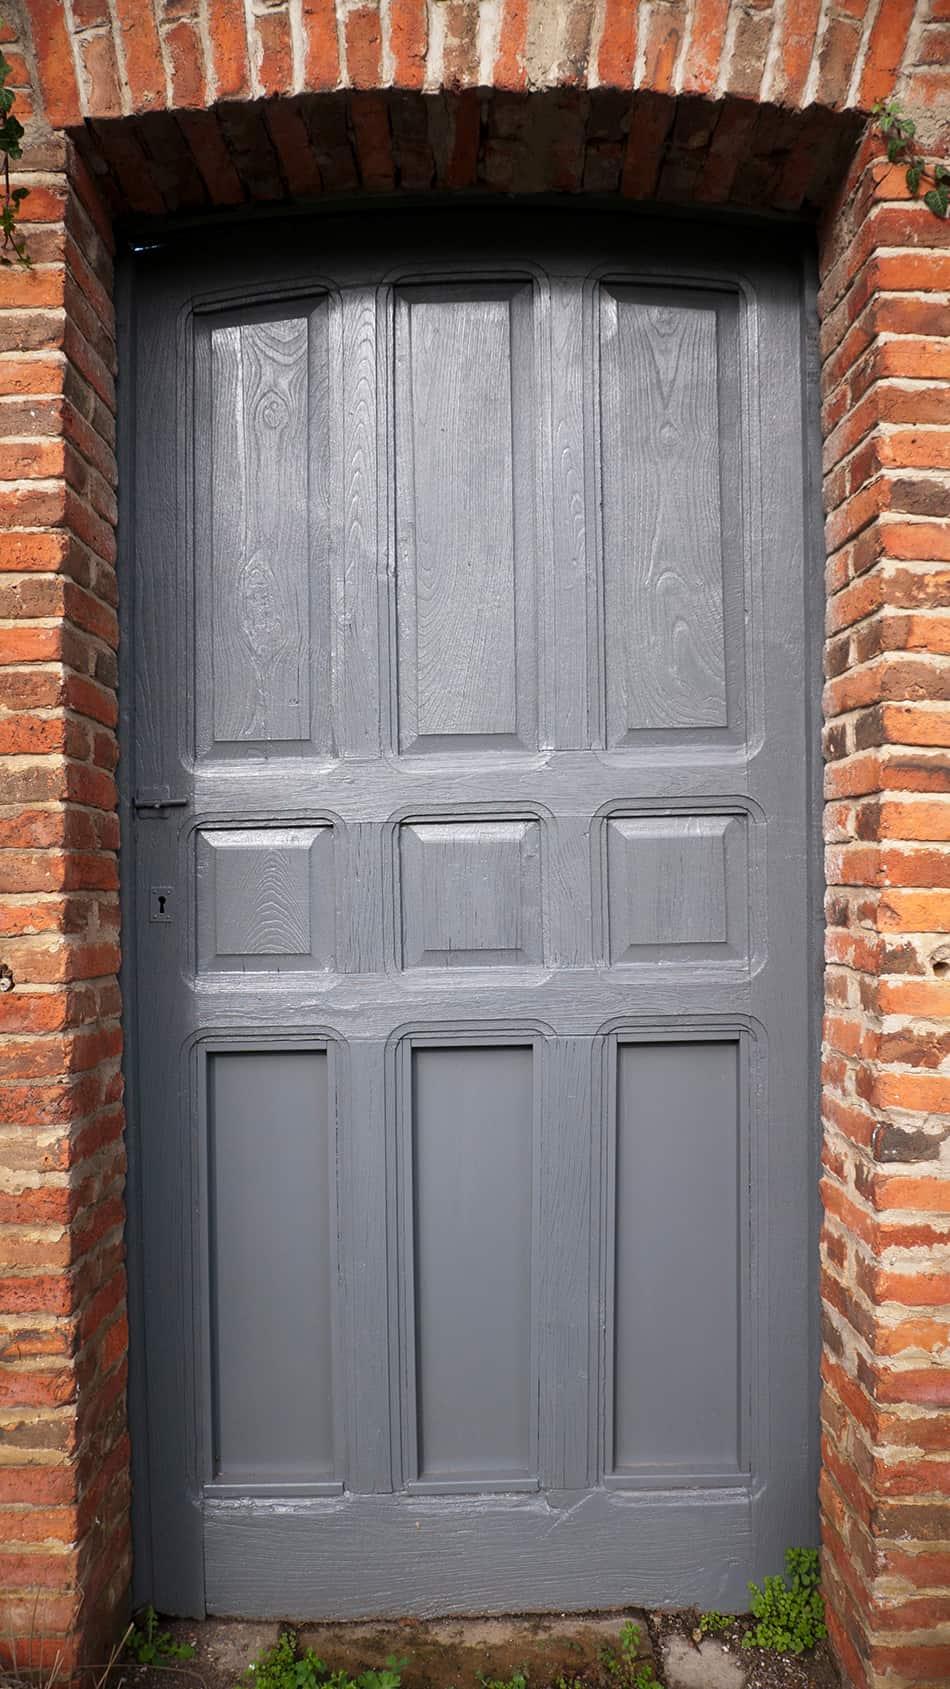 Bluish Gray Door on Brown Brick Exterior